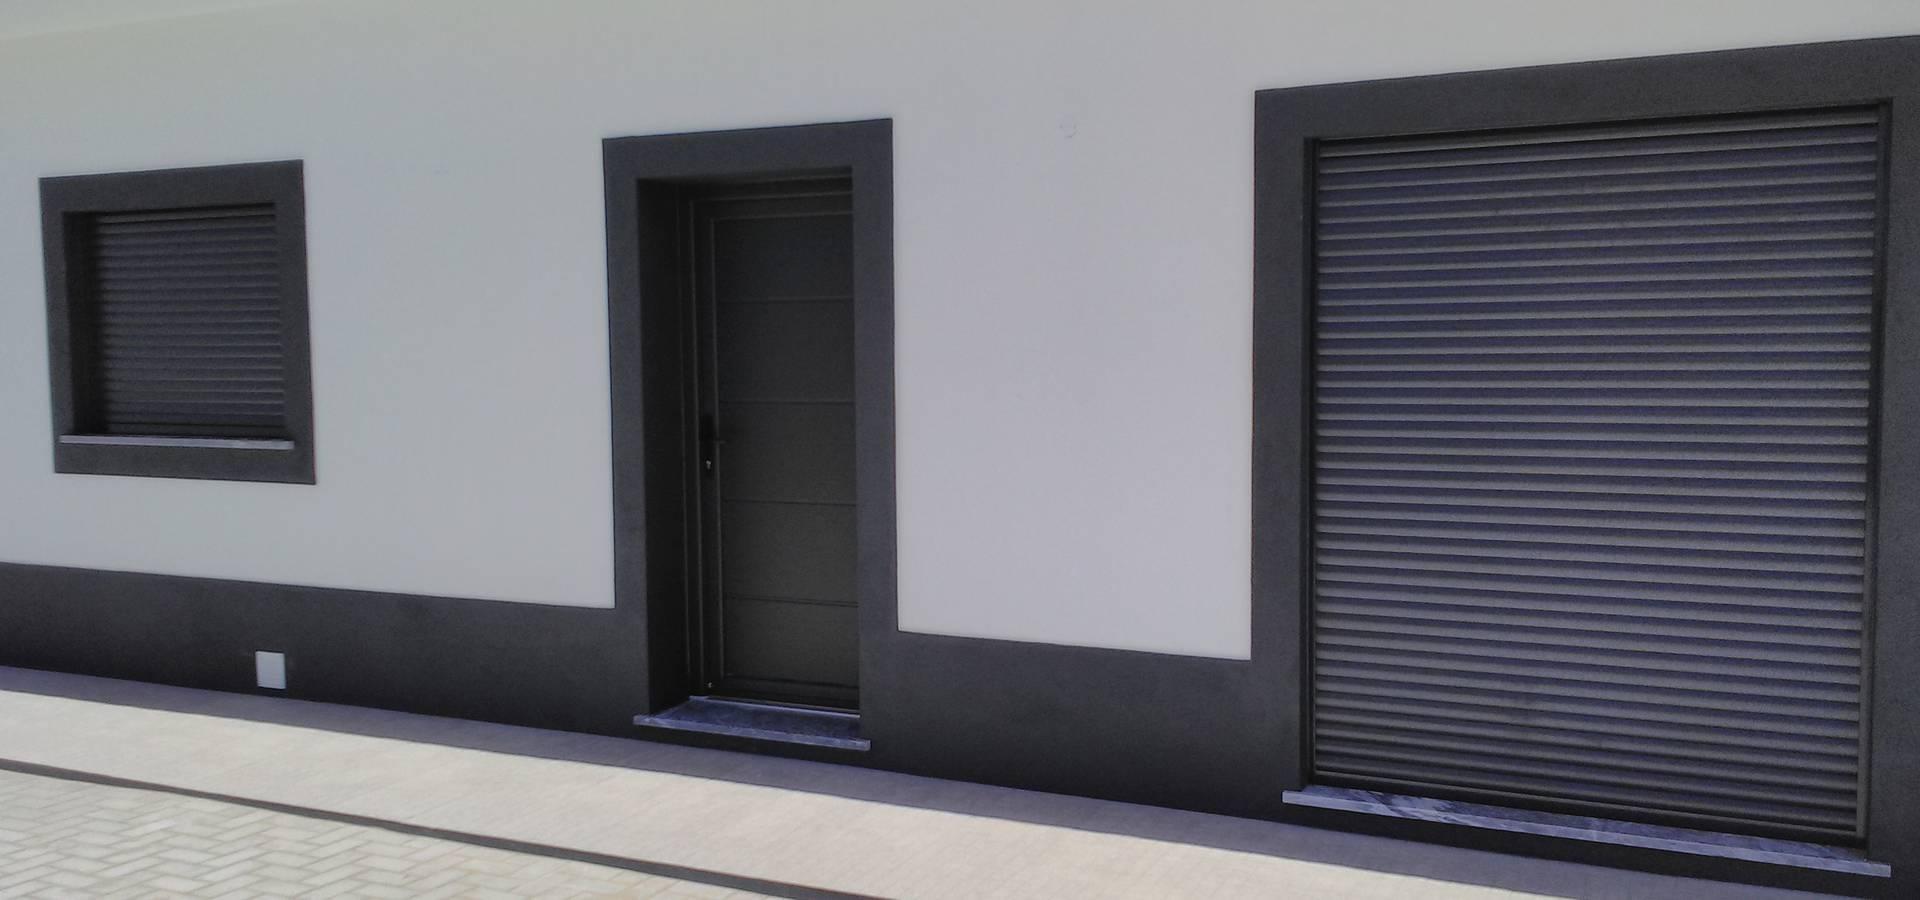 MEGAFIL – INDÚSTRIA DE CAIXILHARIA, LDA